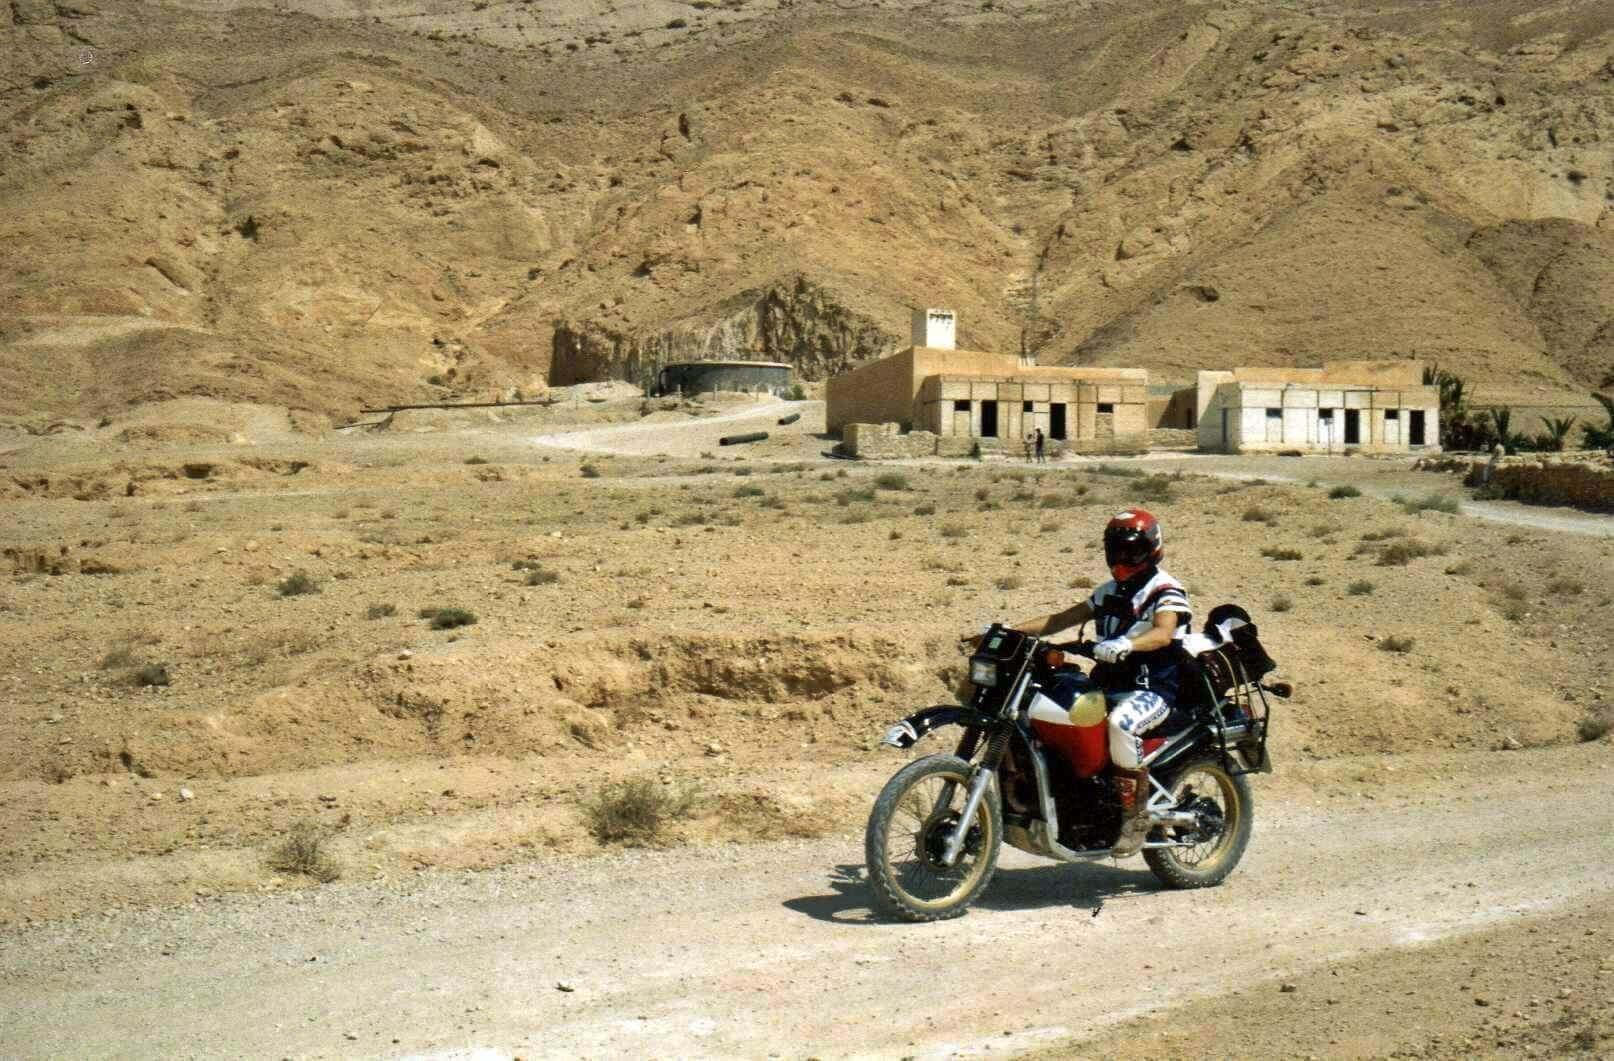 Raid moto 4x4 Tunisie Wild Spot El Kef Chebika - au pied des monts de Tebessa - derrière l'Algérie